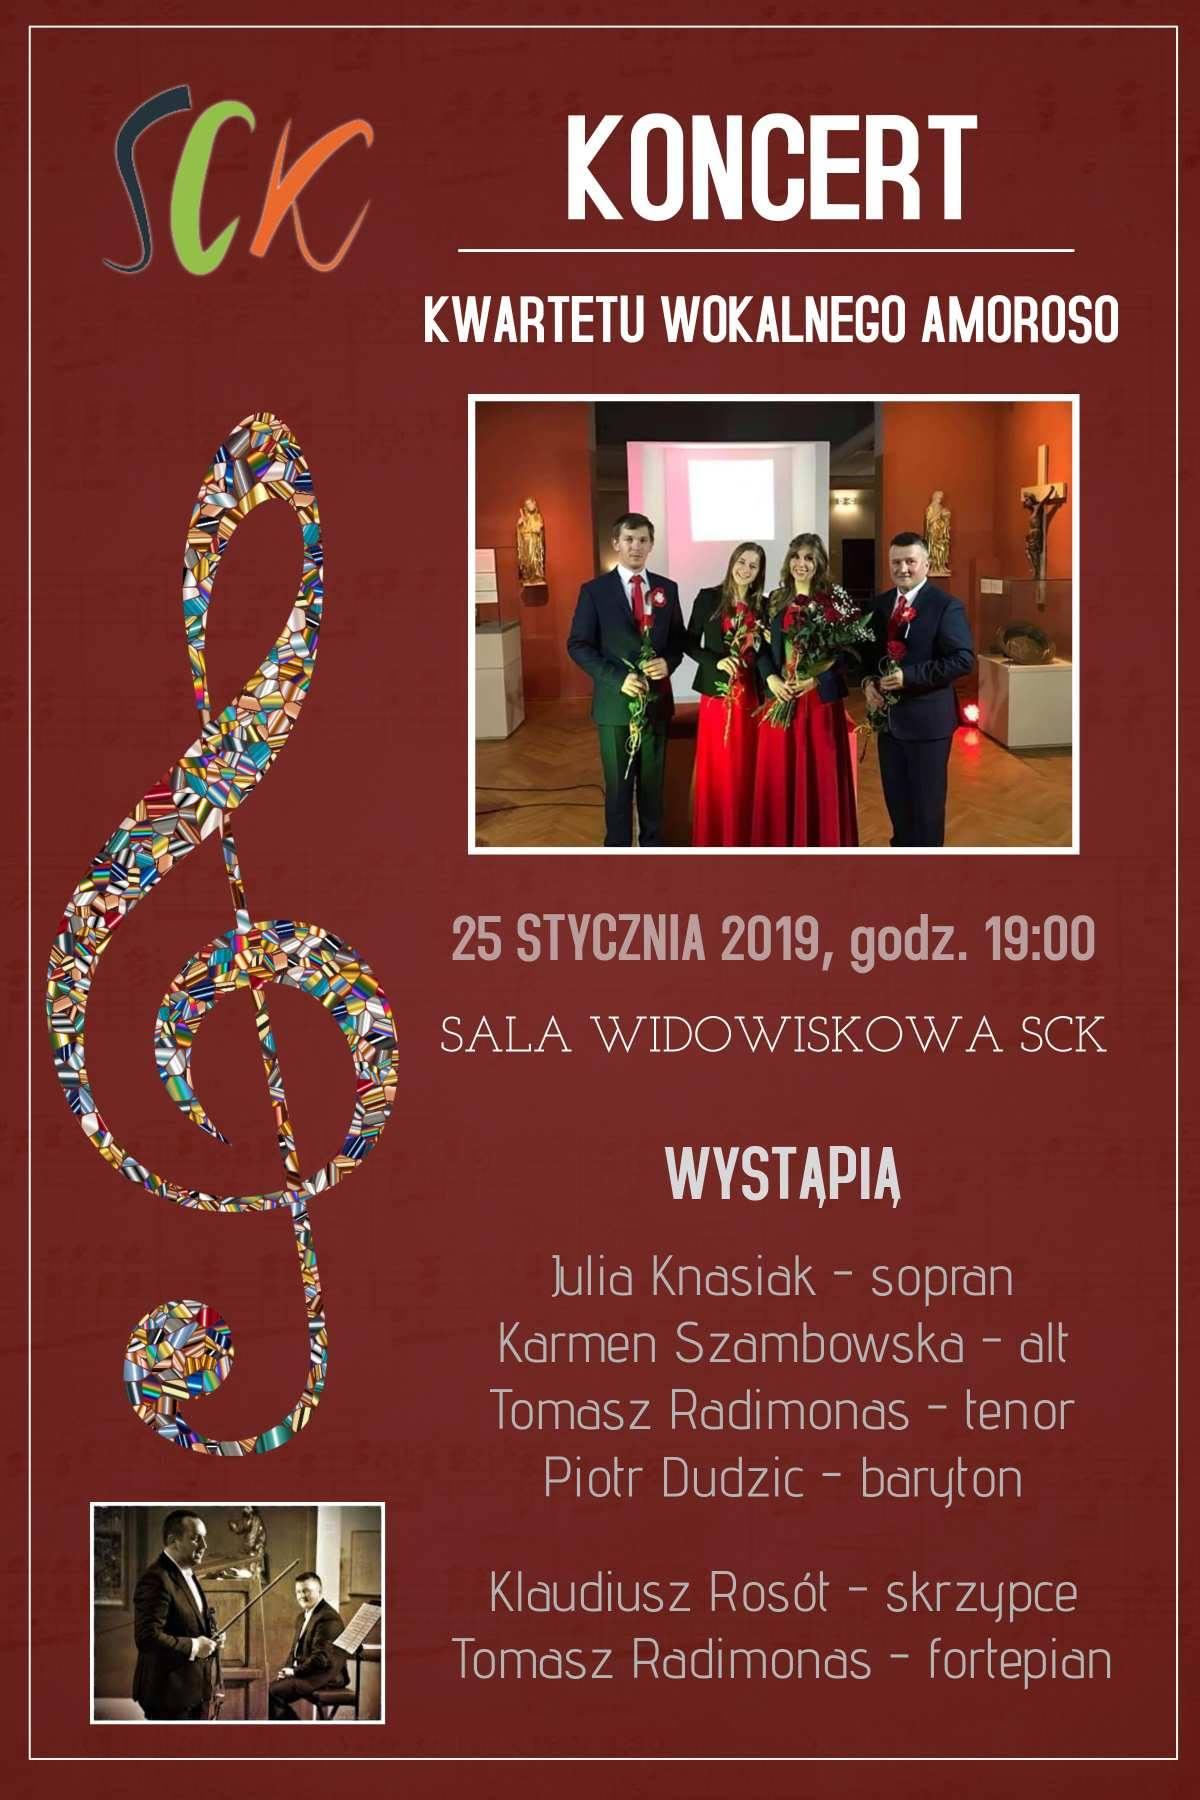 Koncert Kwartetu Wokalnego Amoroso